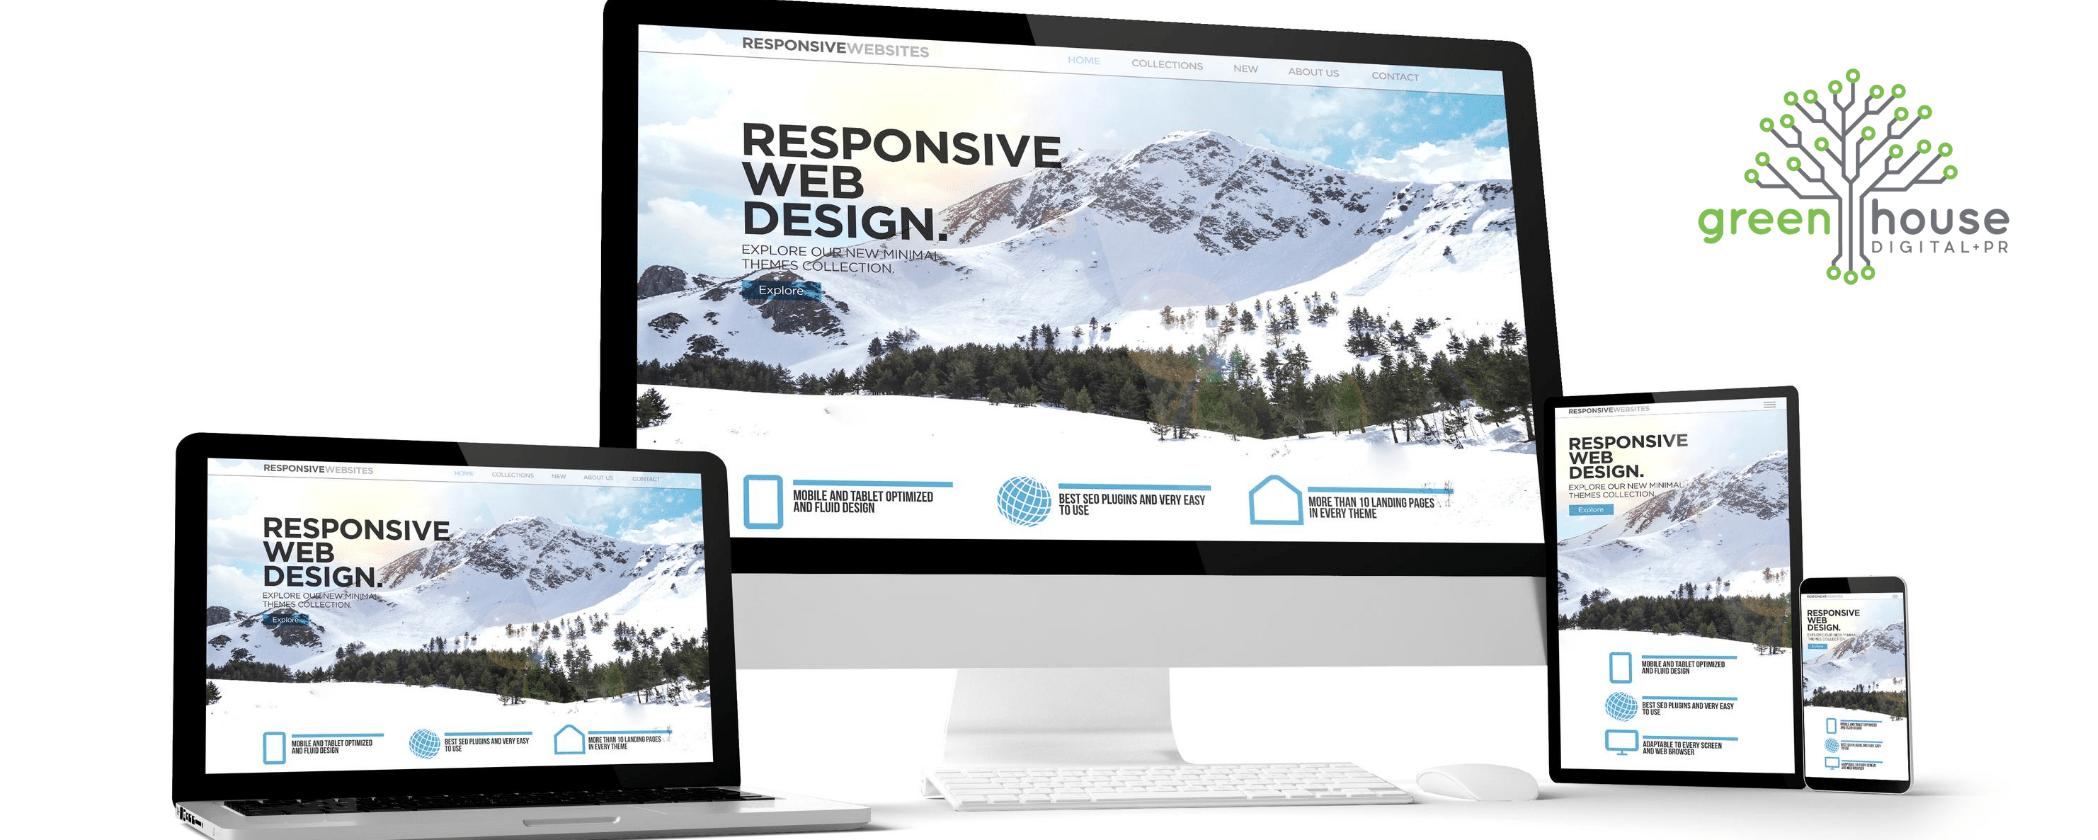 Best Browser Homepage 2021 Blog   Greenhouse Digital + PR